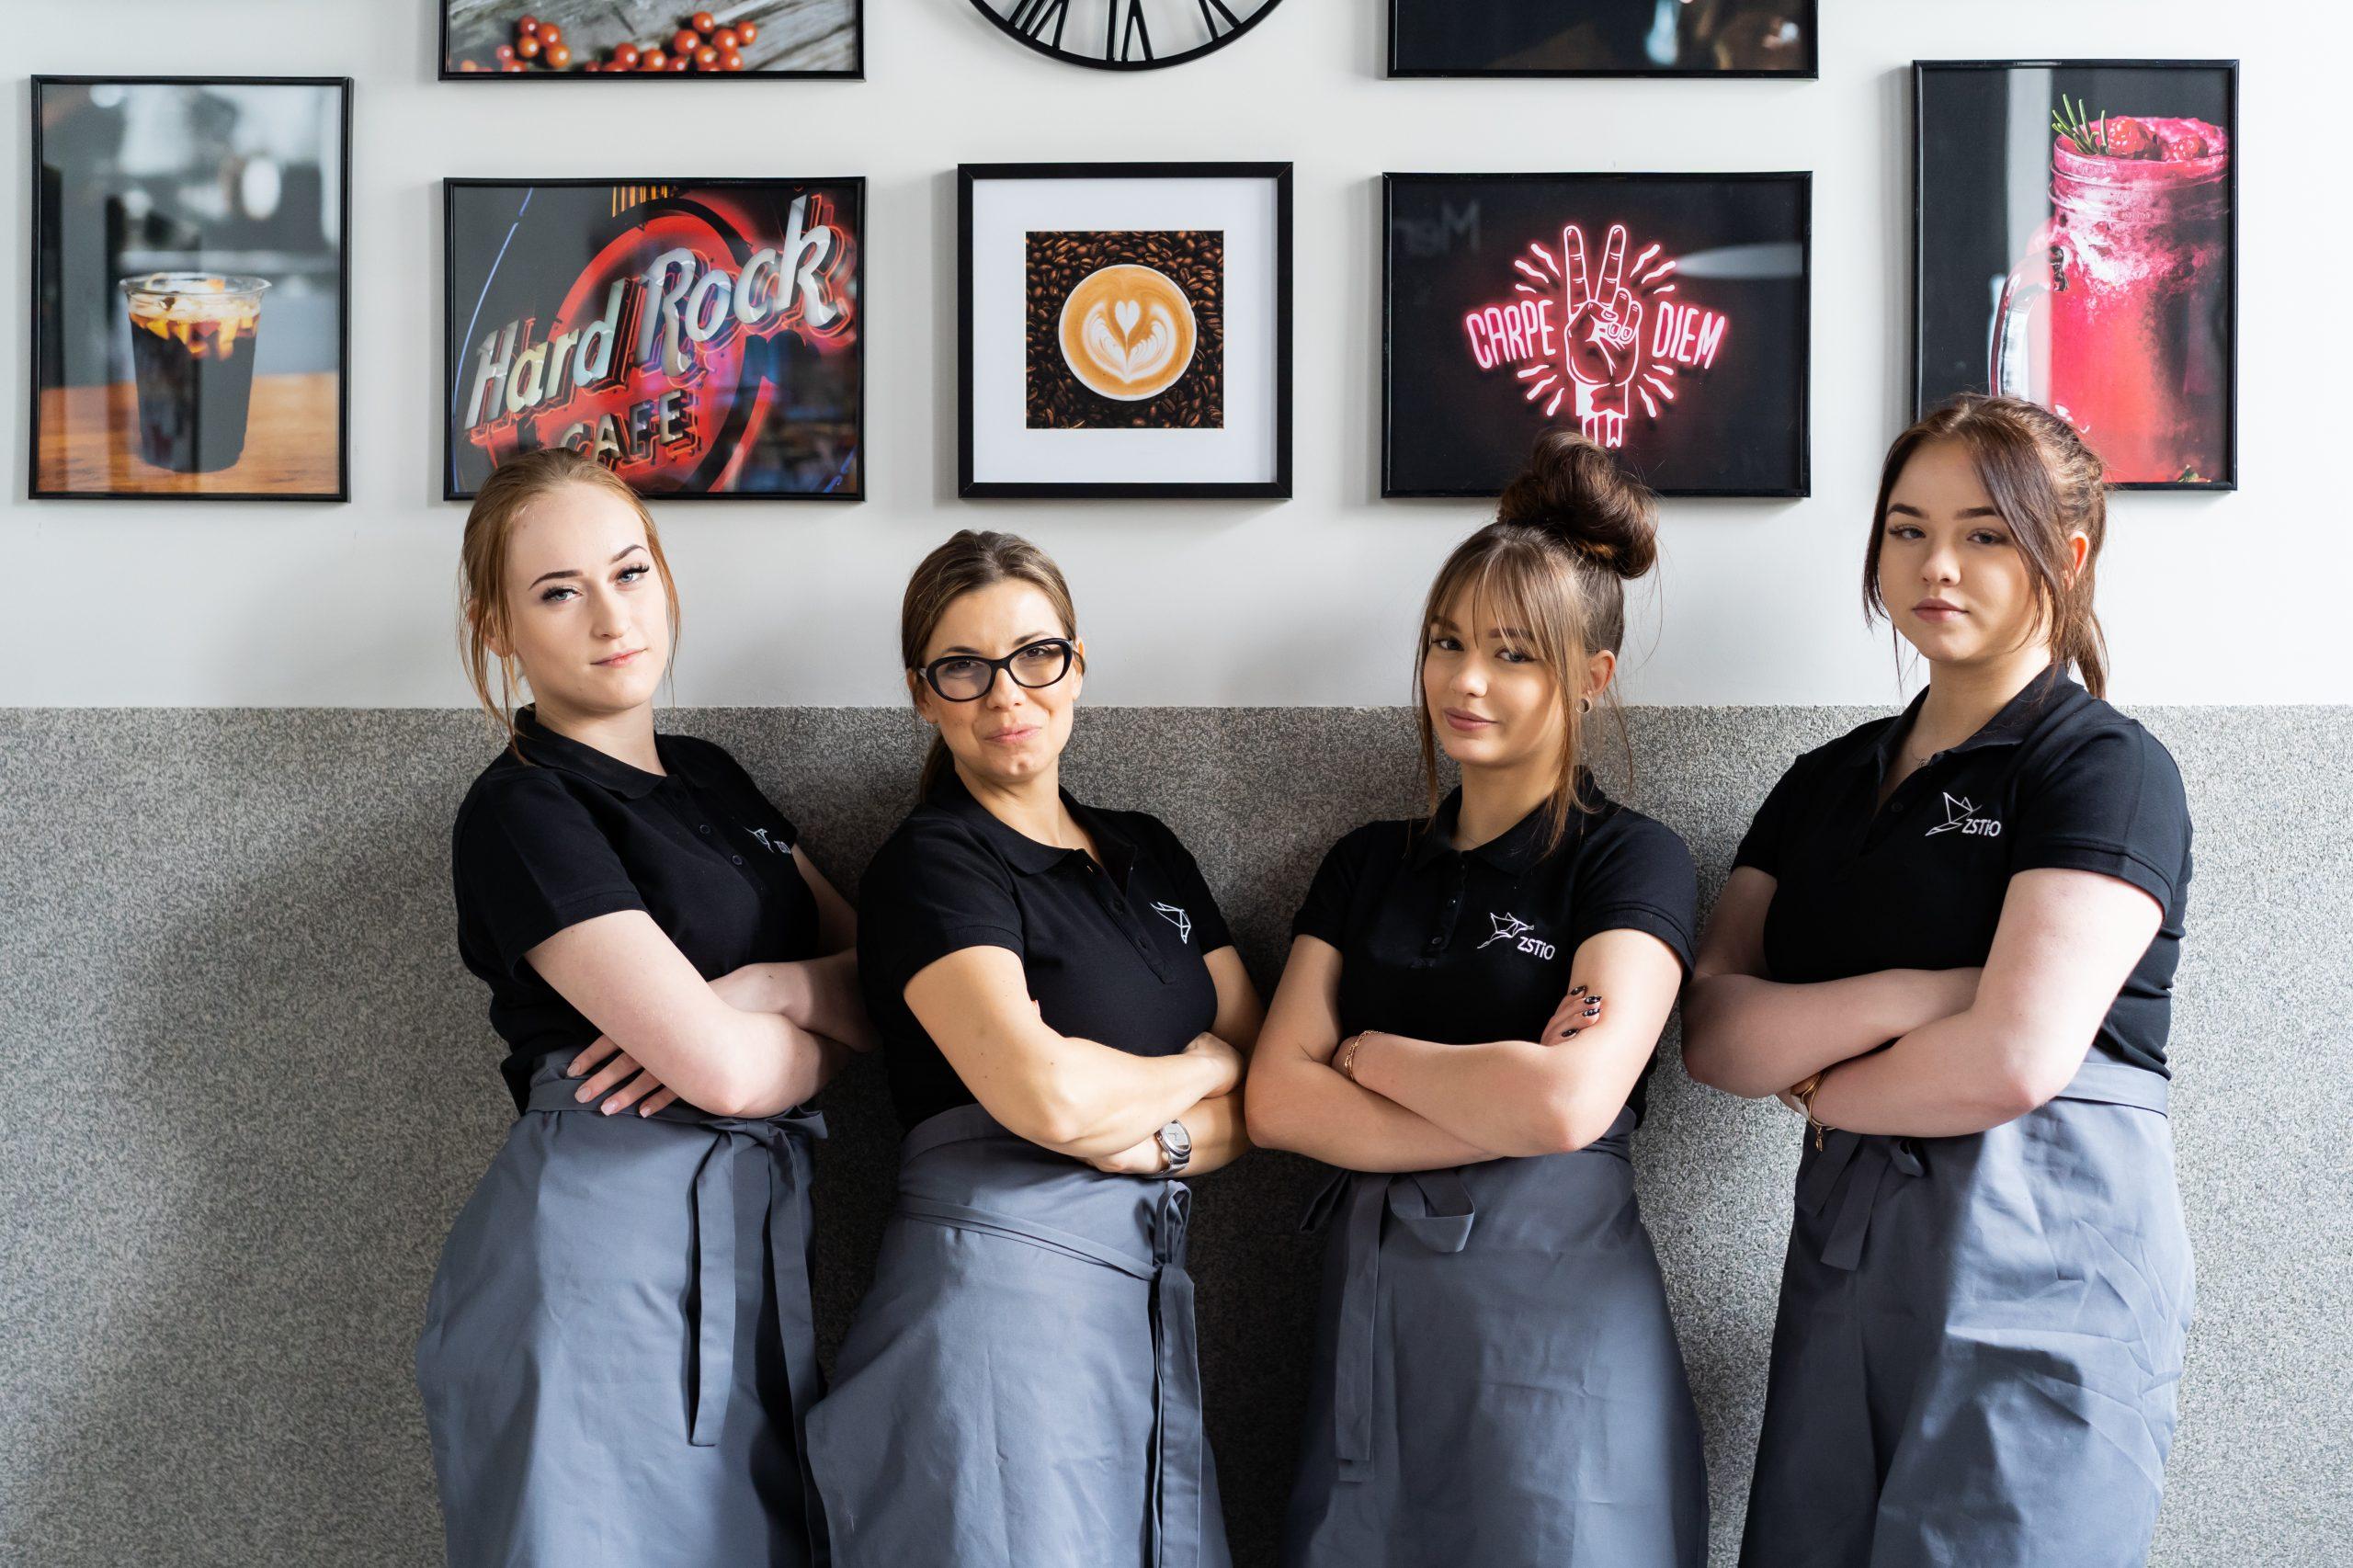 cztery kobiety ubrane w czarne koszulki z logo szkoły, na drugim planie obrazki na ścianie